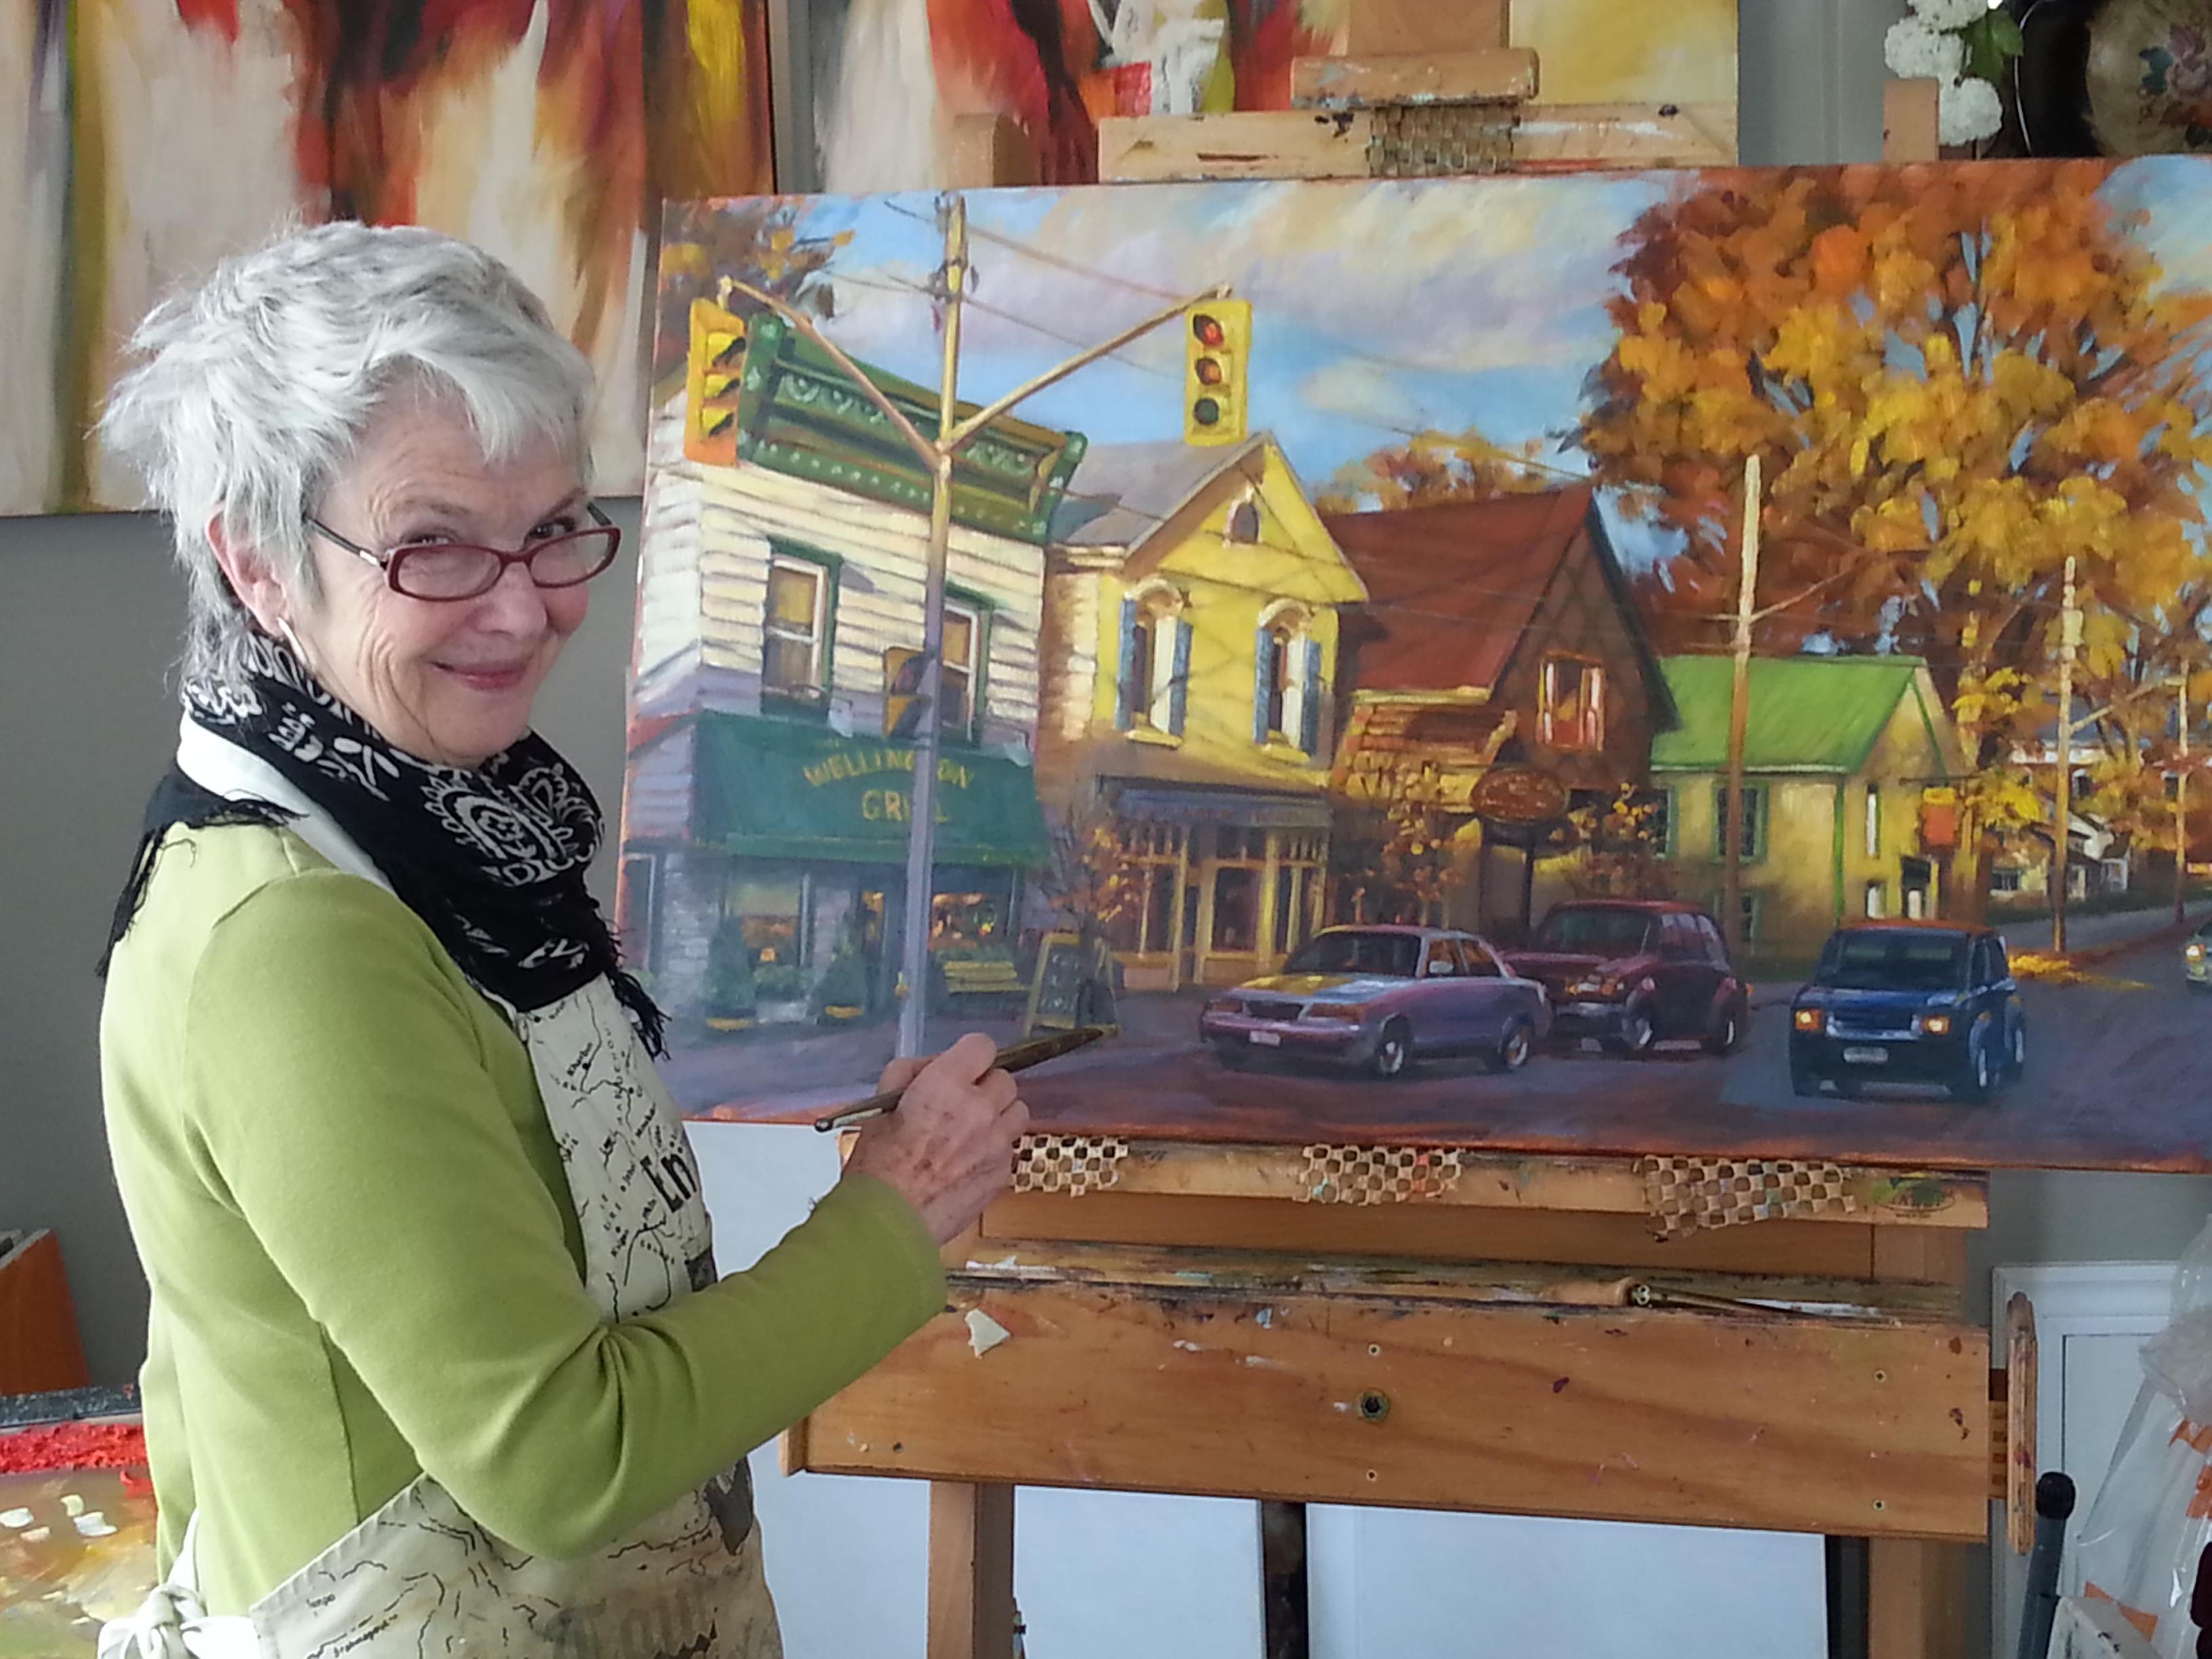 Pamela Carter at work in her studio.